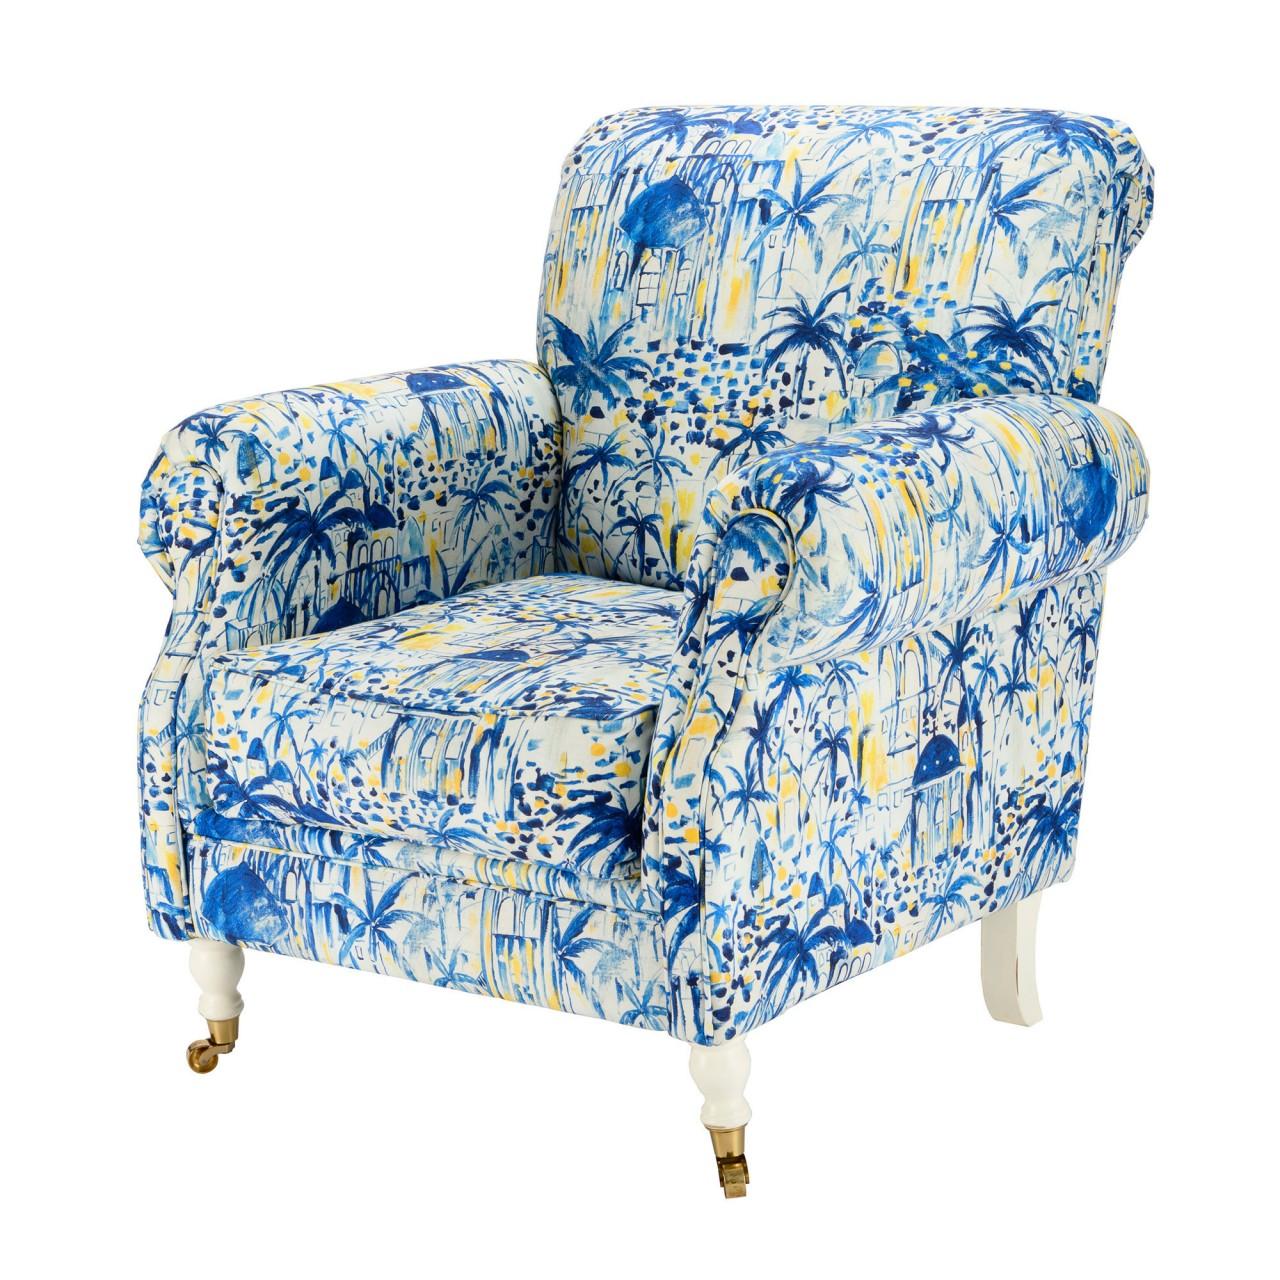 KINGSTON CHAIR - RHODES Fabric